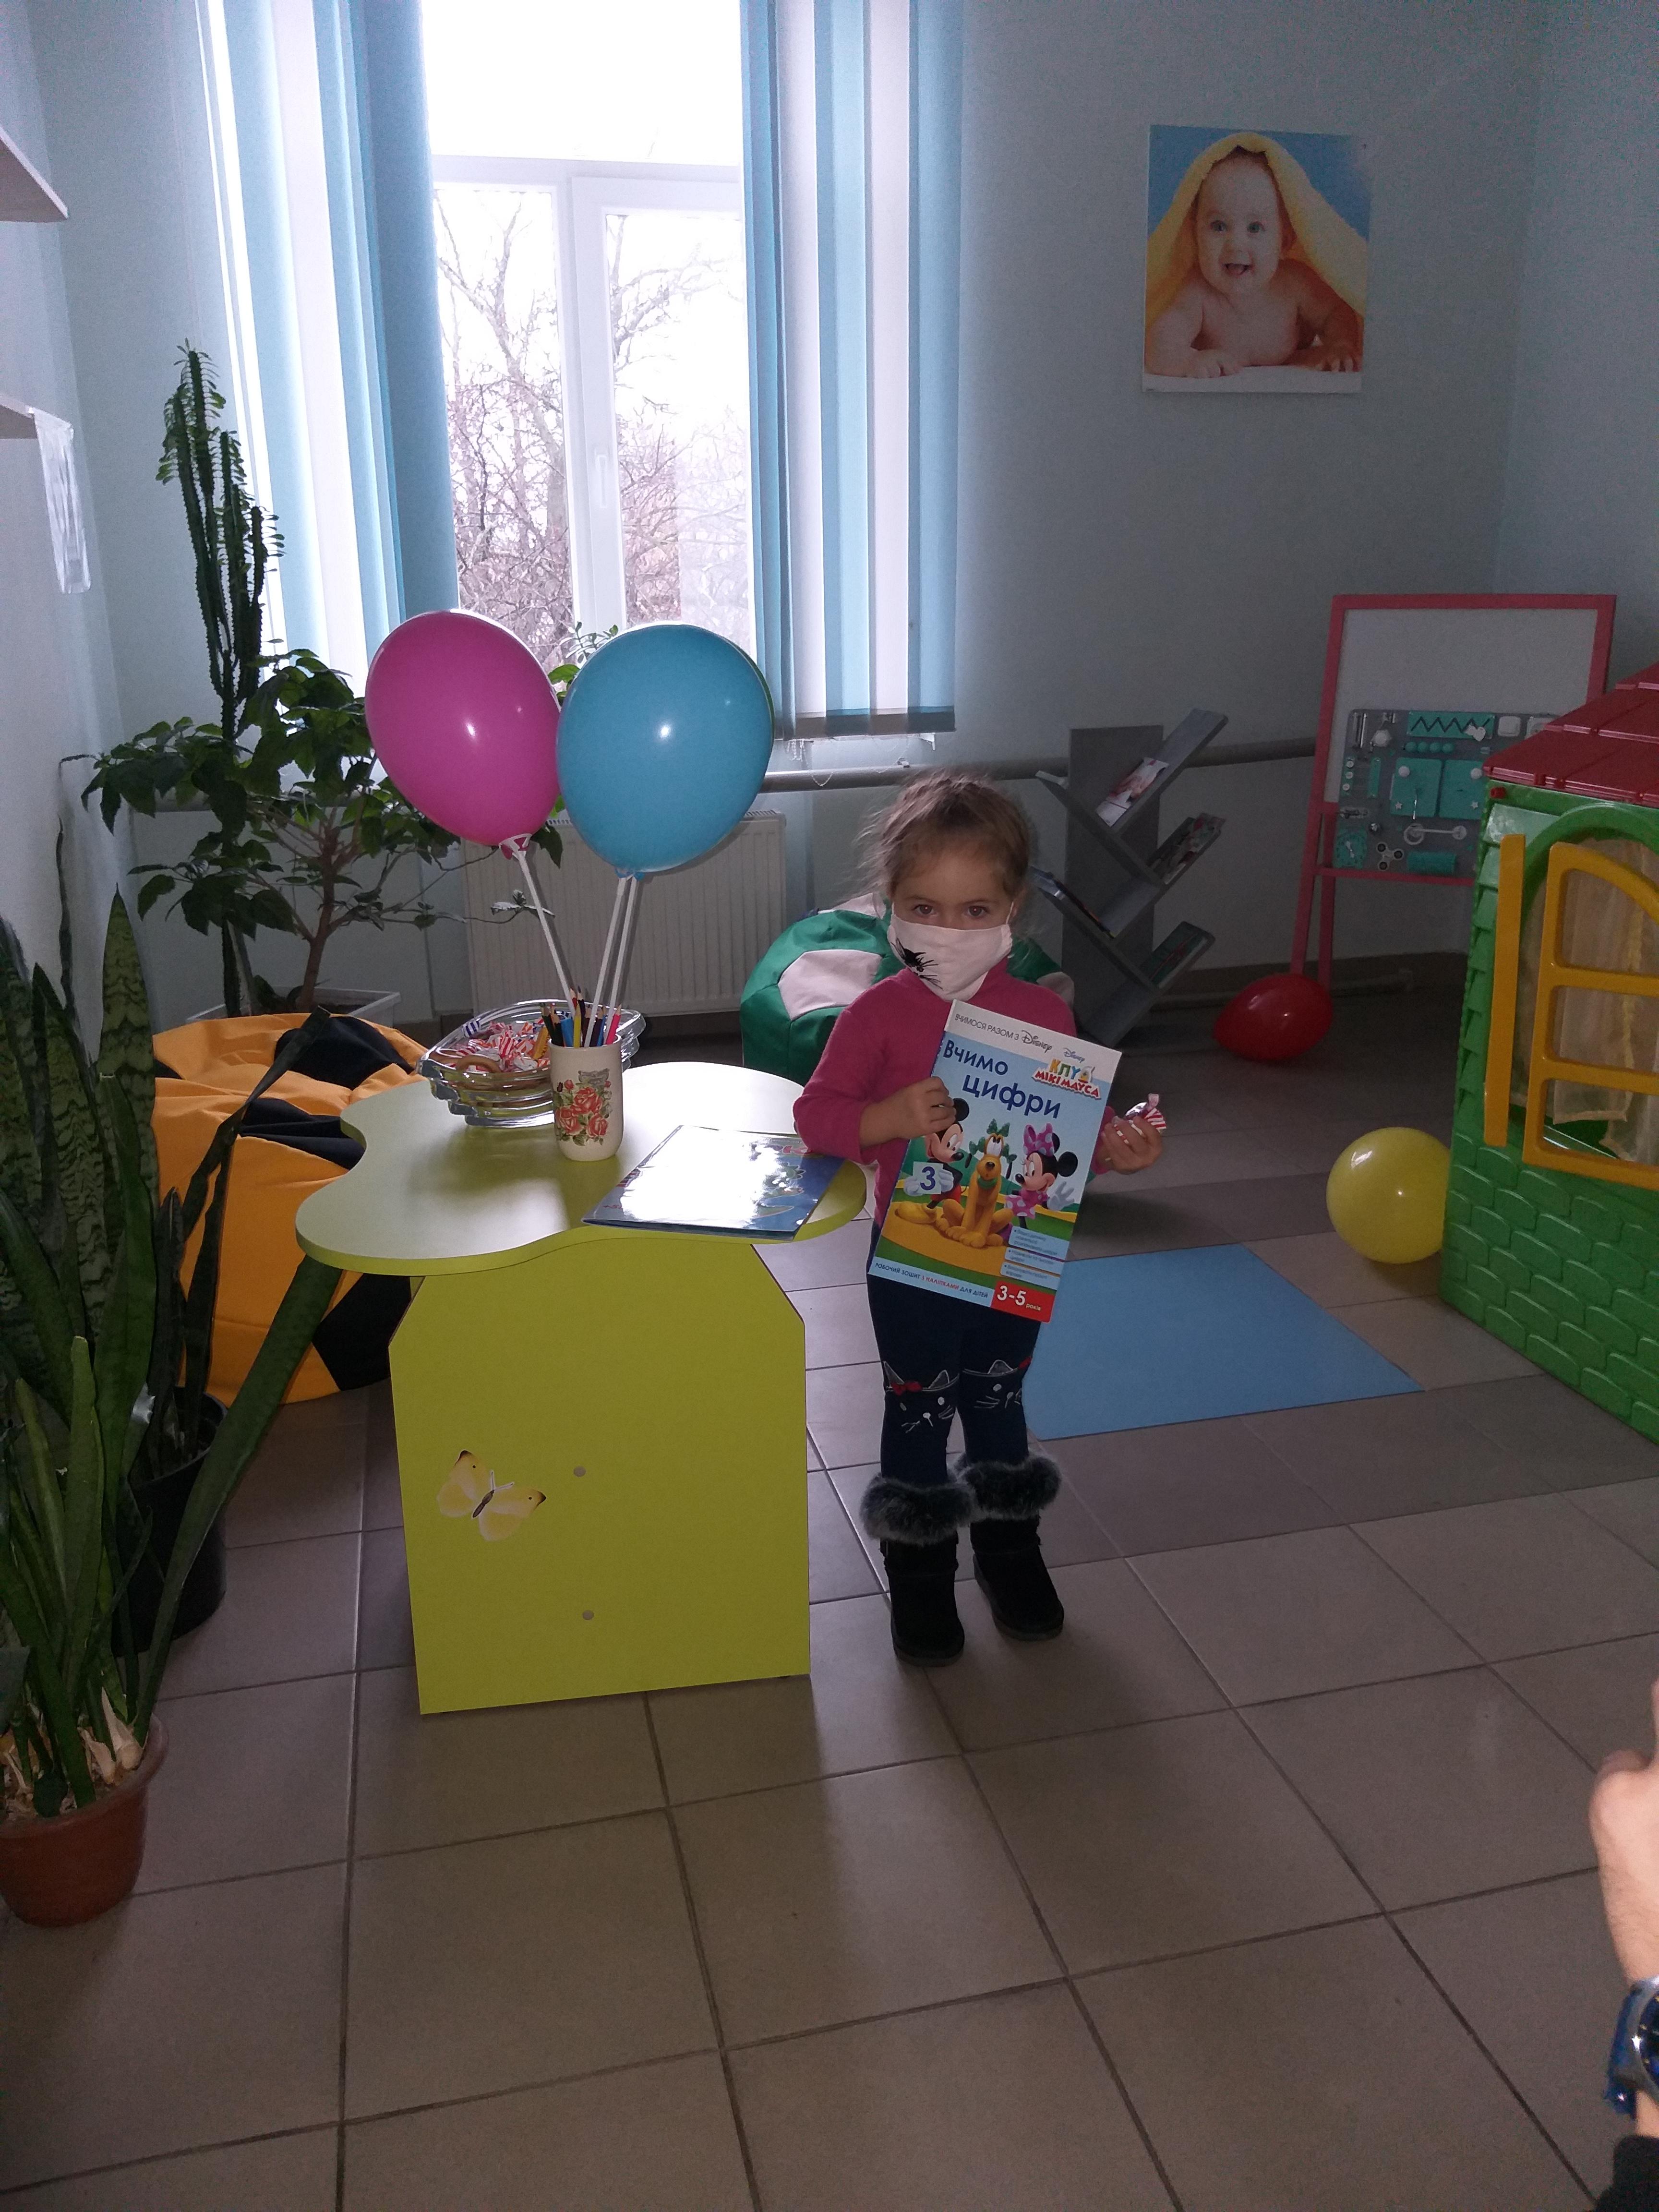 Облаштування дитячих локацій для найменших пацієнтів створює затишну атмосферу, фото-1